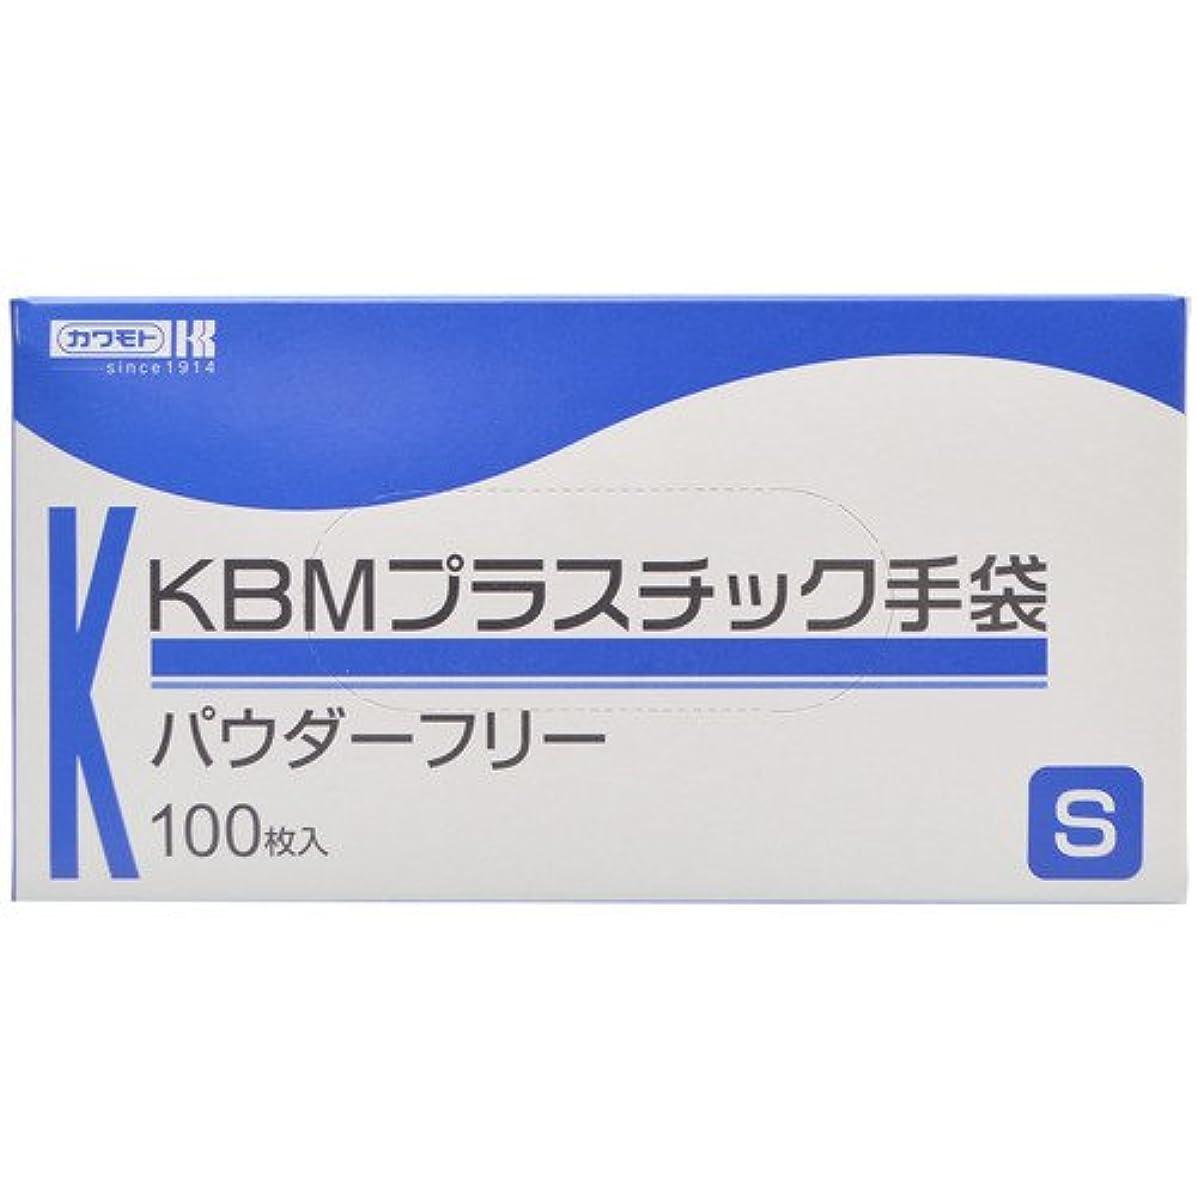 フェード有害同種のKBM プラスチック手袋パウダーフリー Sサイズ100枚